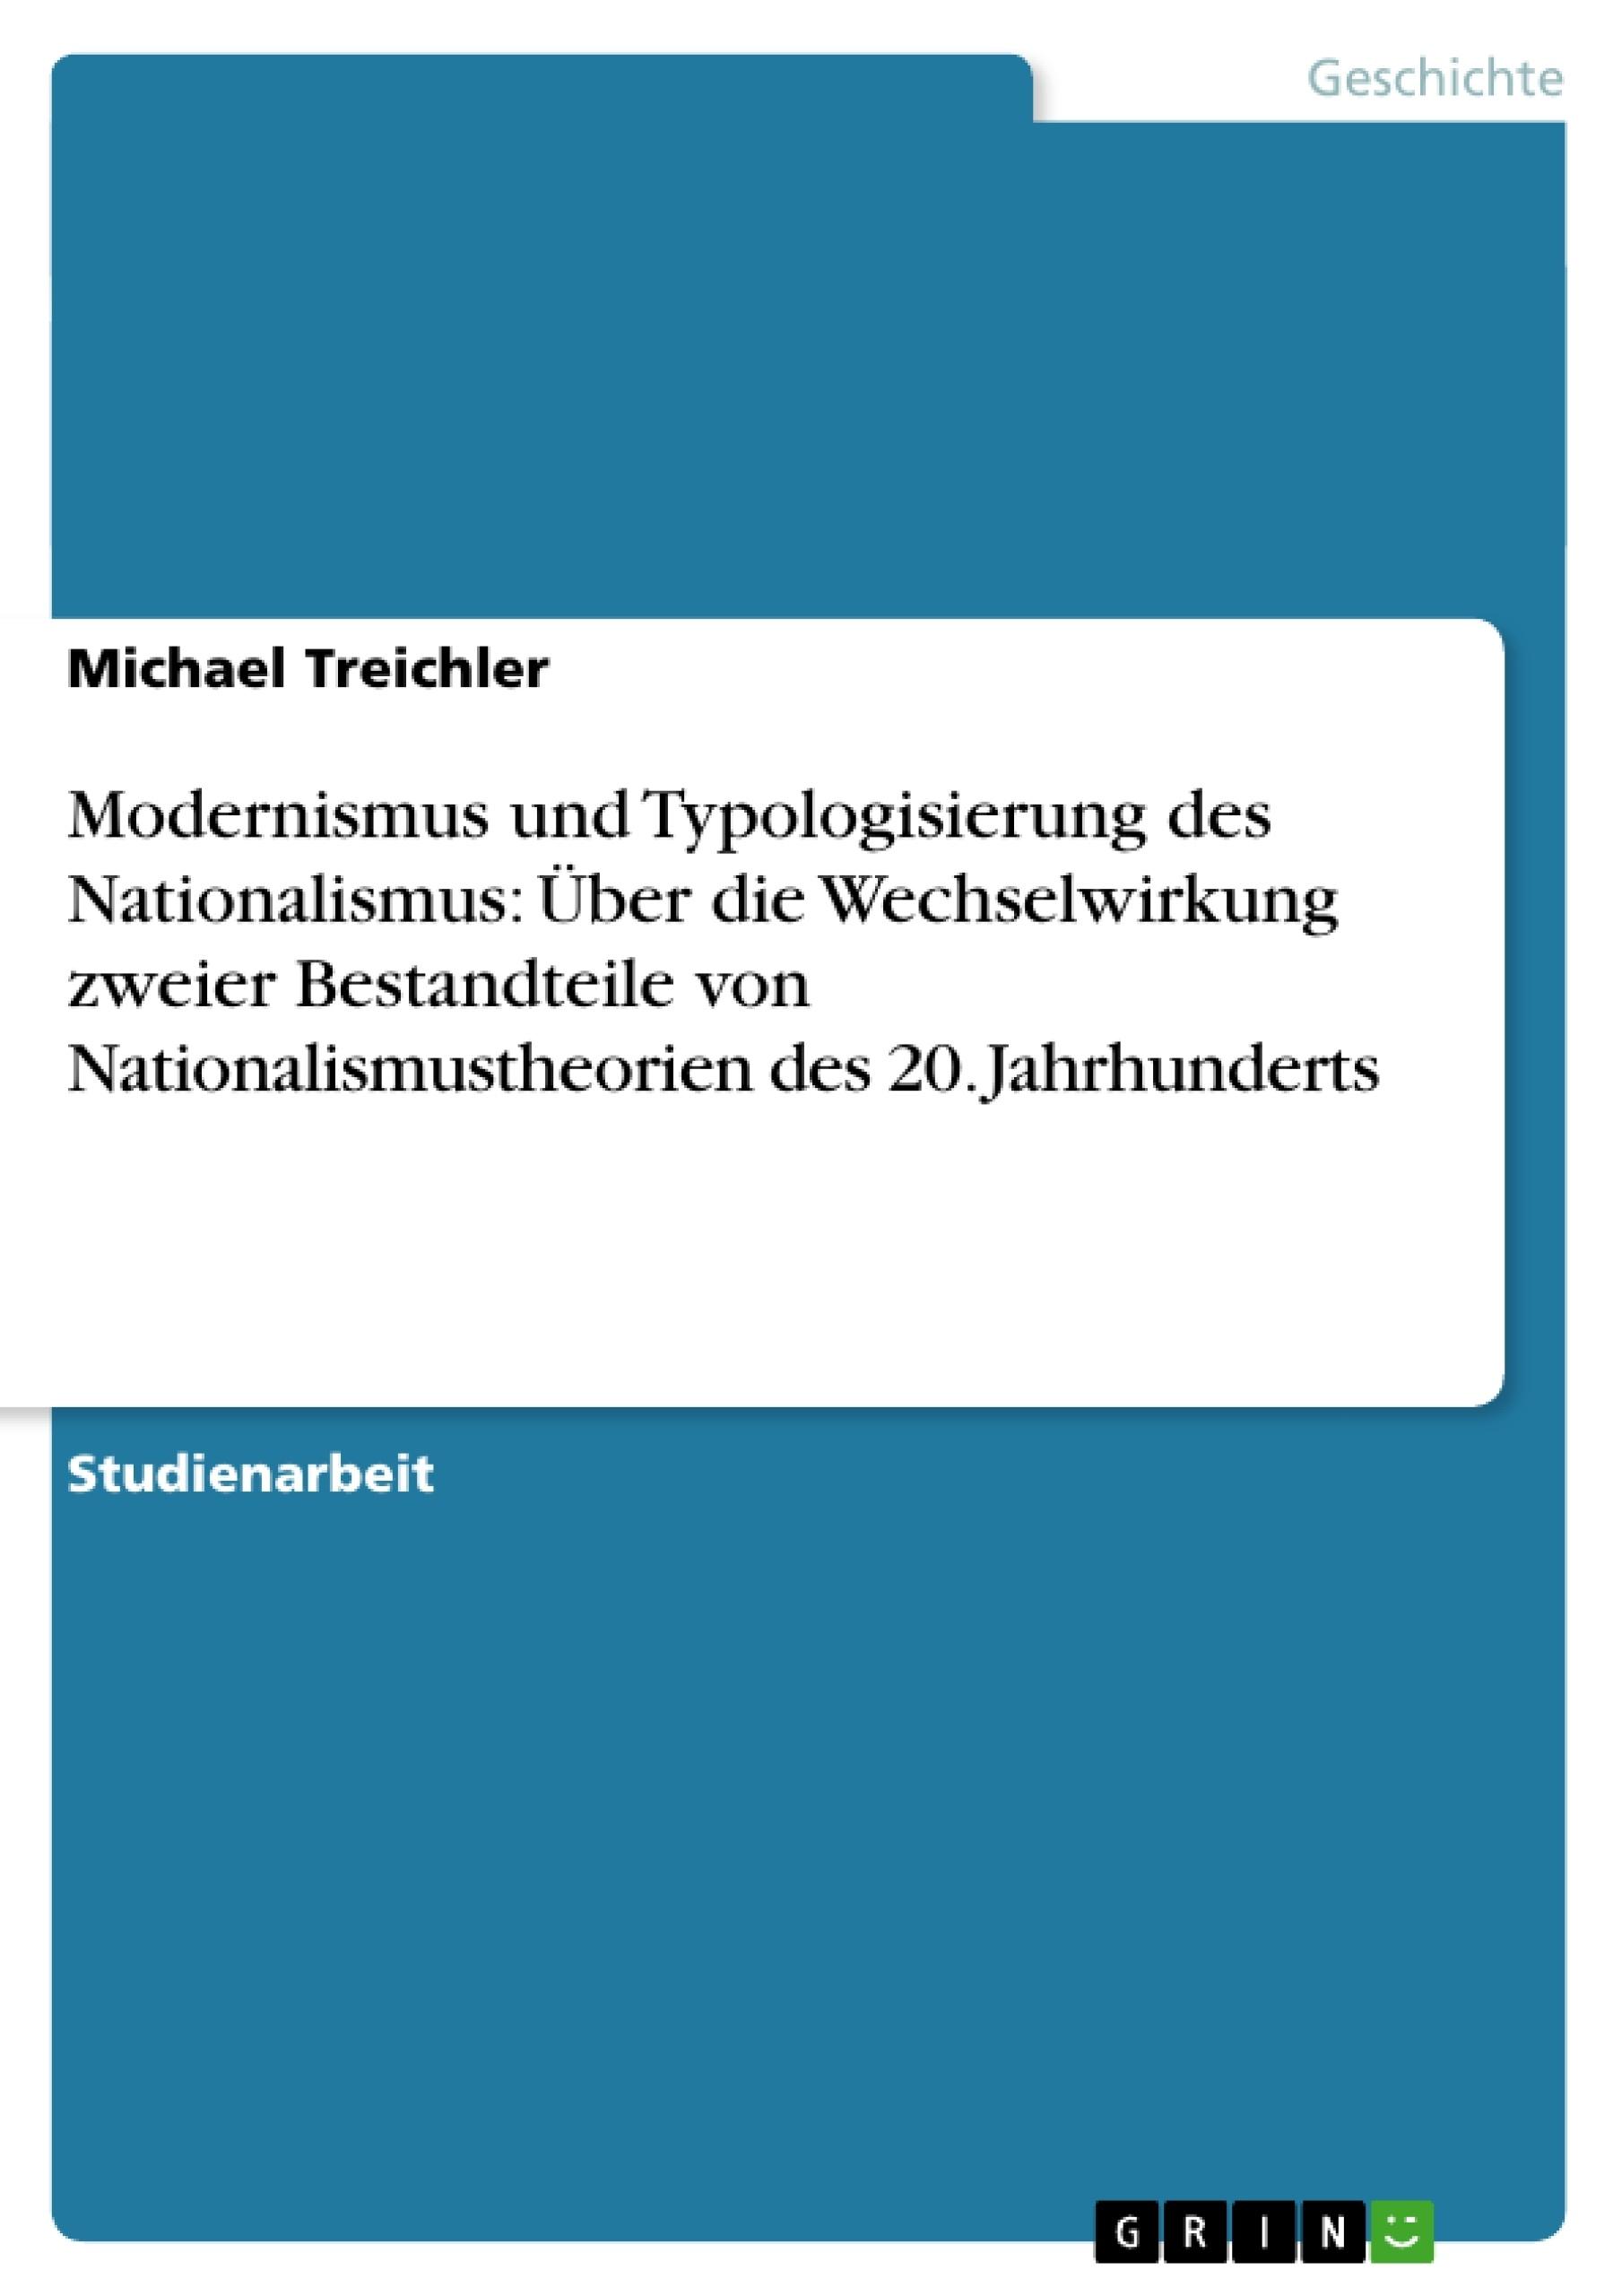 Titel: Modernismus und Typologisierung des Nationalismus: Über die Wechselwirkung zweier Bestandteile von Nationalismustheorien des 20. Jahrhunderts